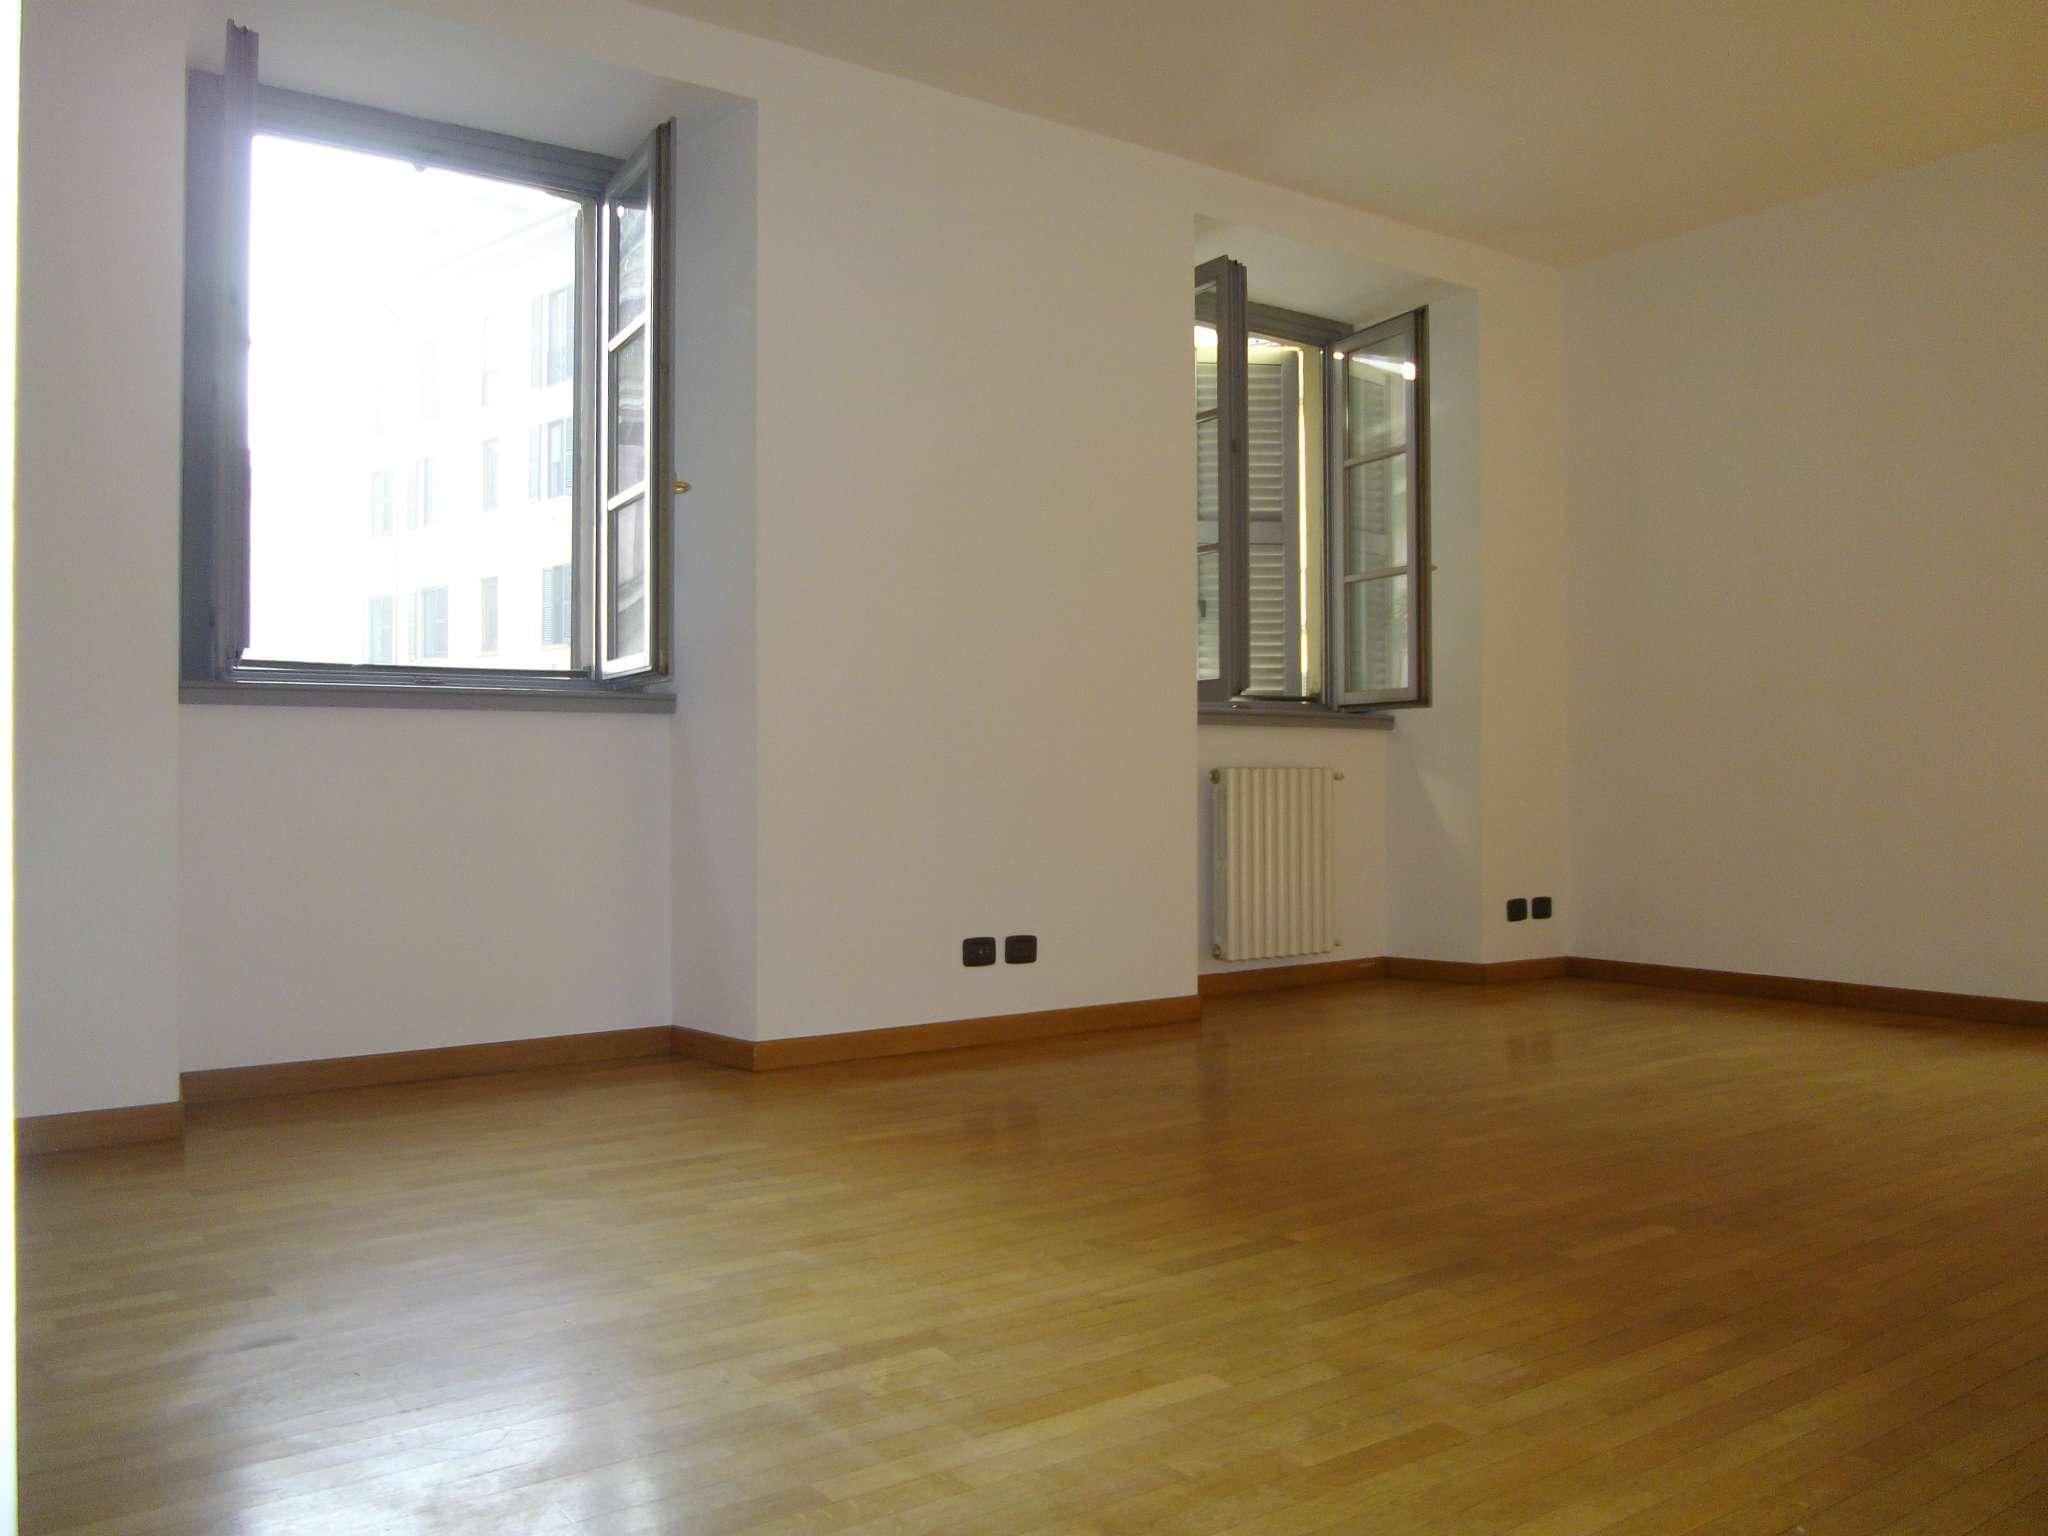 Appartamento in affitto a Milano, 3 locali, zona Zona: 1 . Centro Storico, Duomo, Brera, Cadorna, Cattolica, prezzo € 2.000   Cambio Casa.it